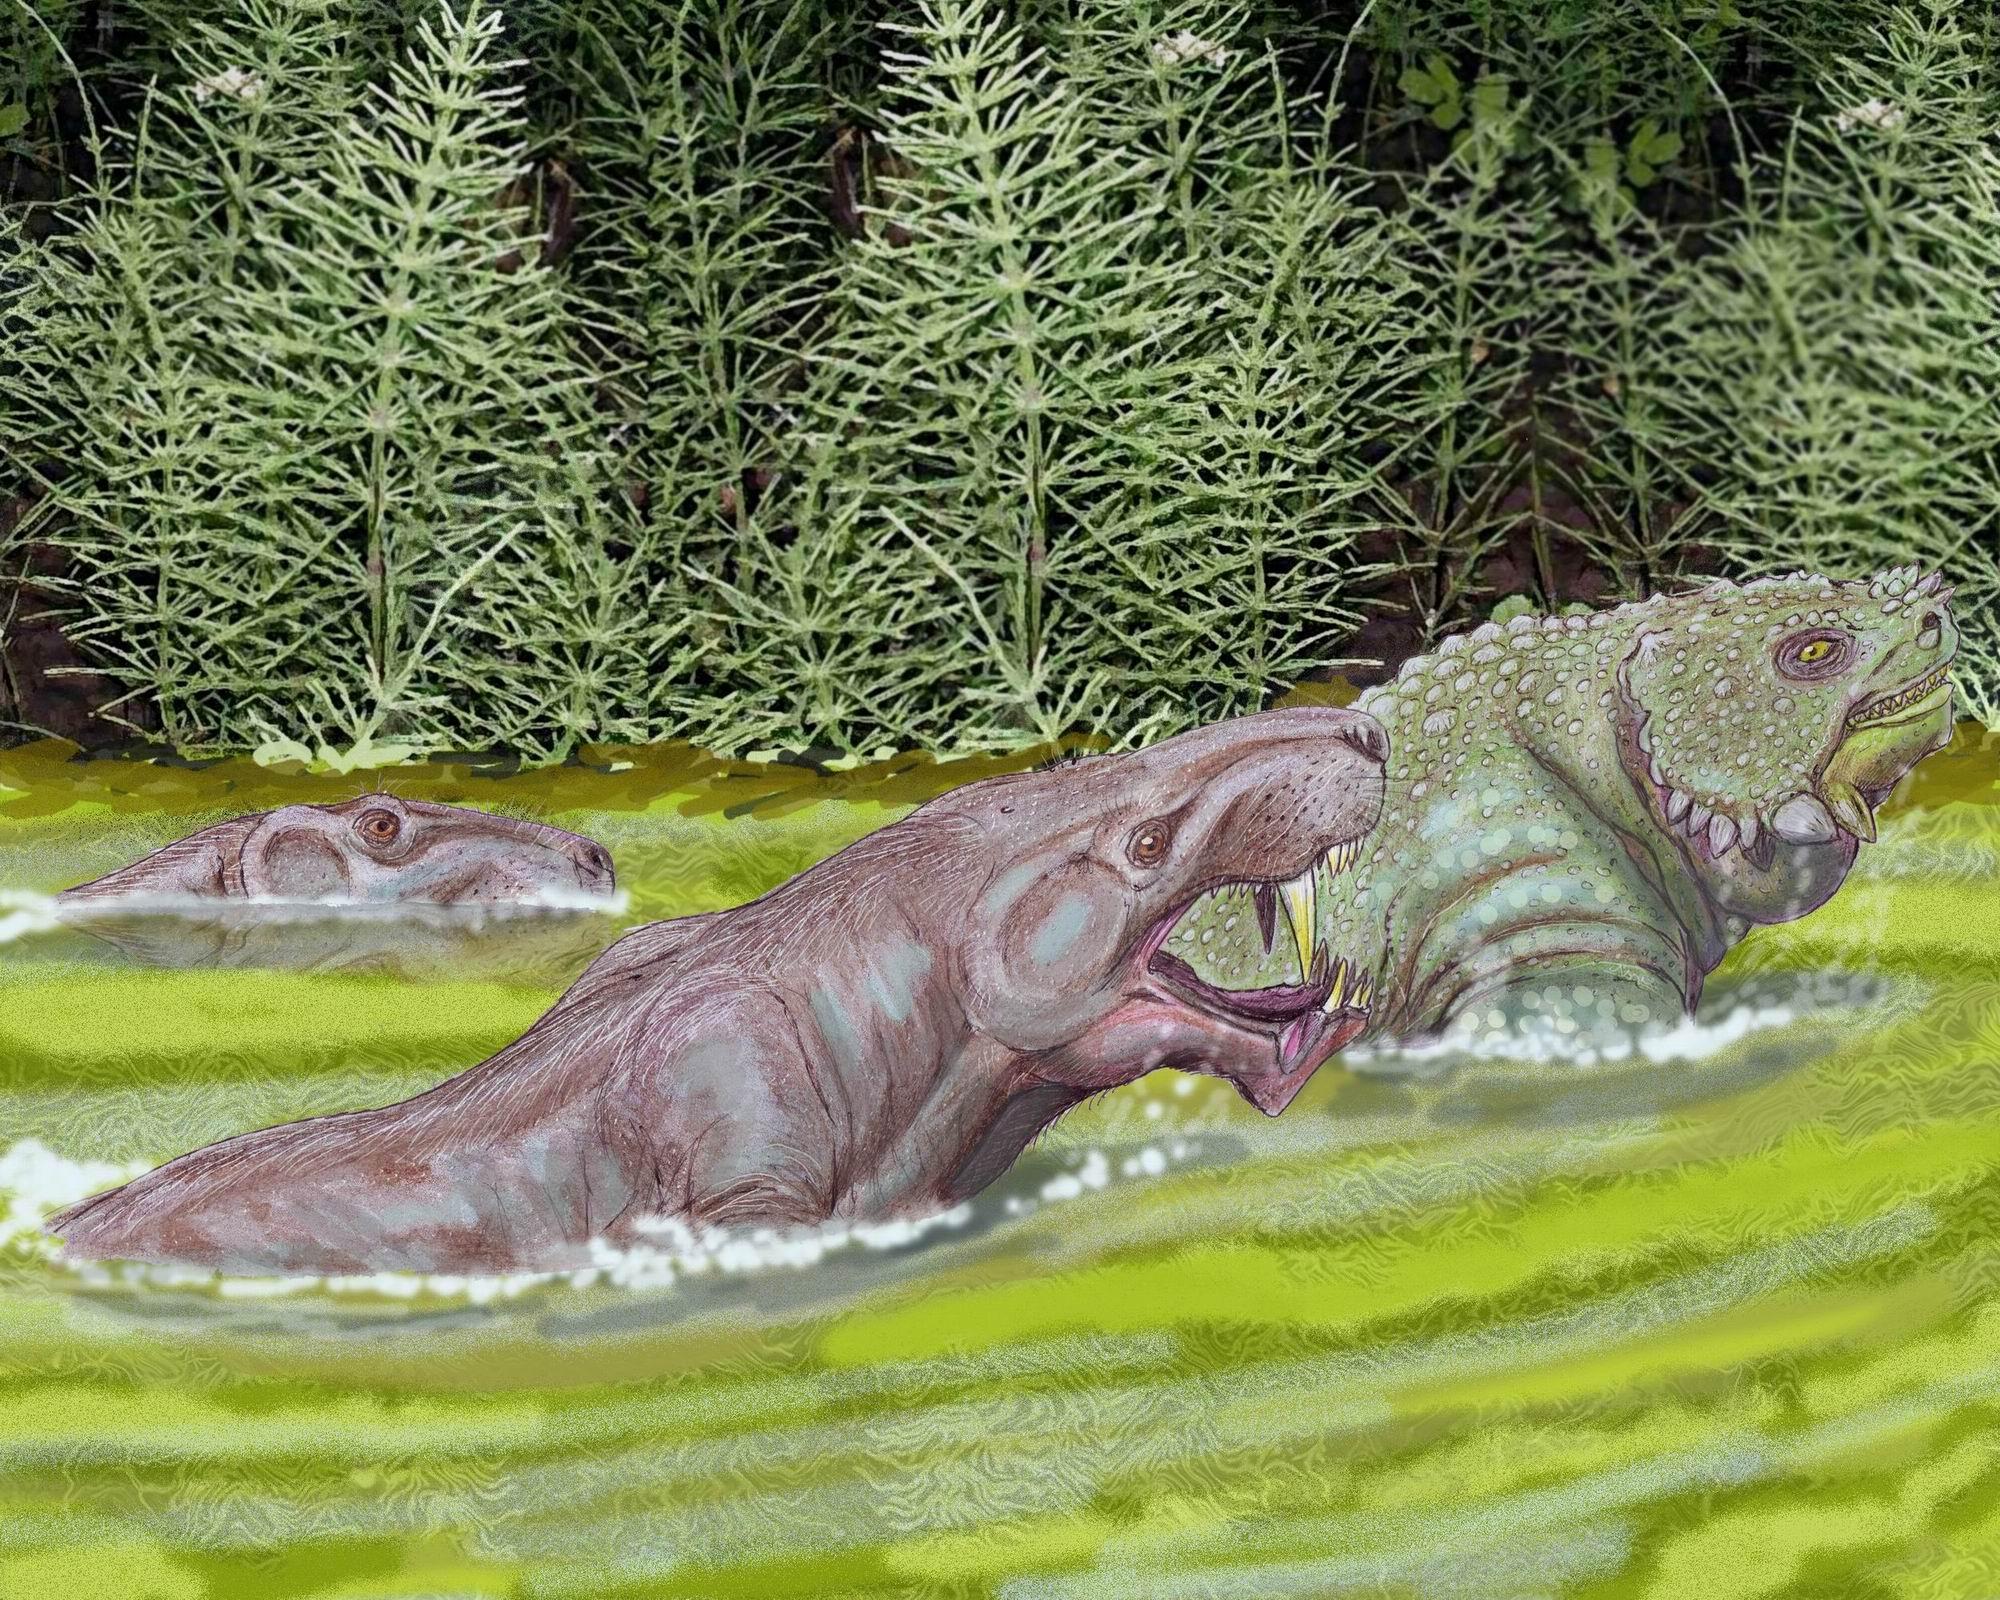 Как появились динозавры, как на земле появились динозавры